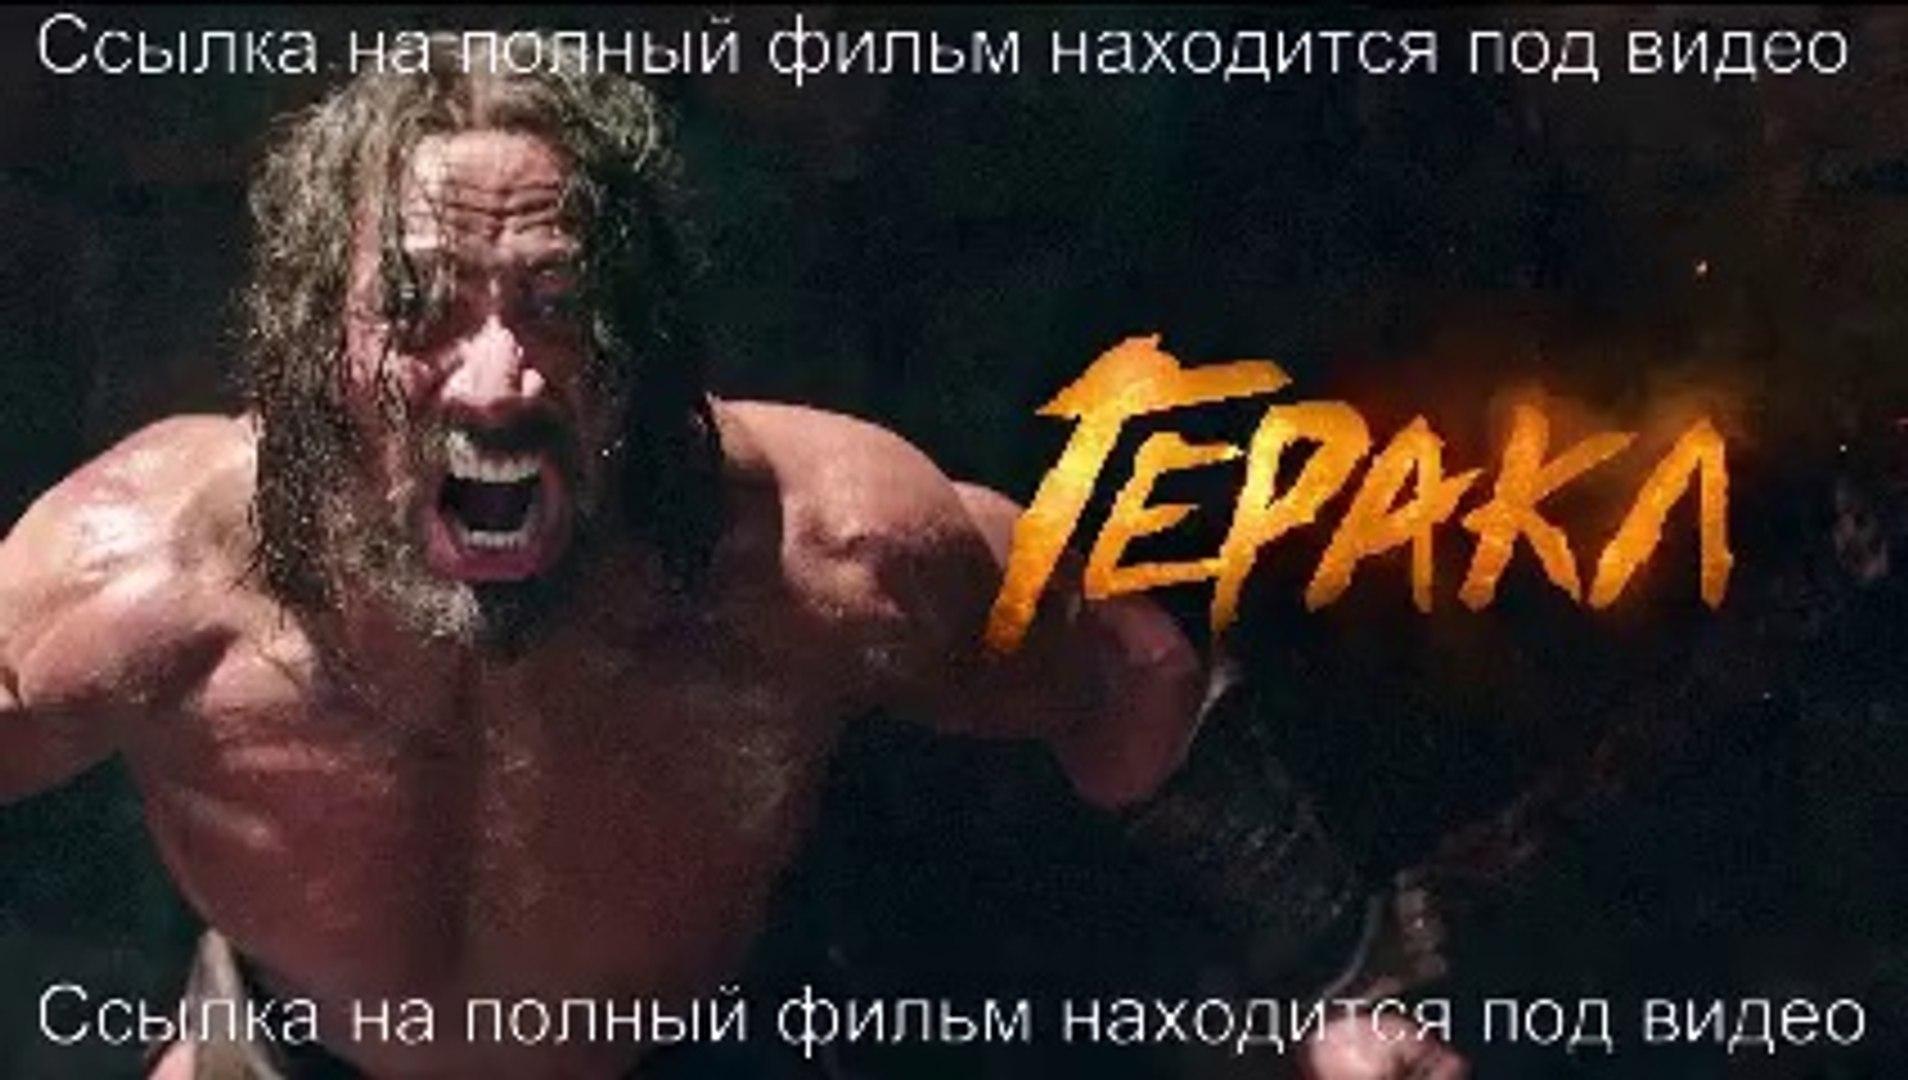 Геракл 2014 кино смотреть в HD качестве